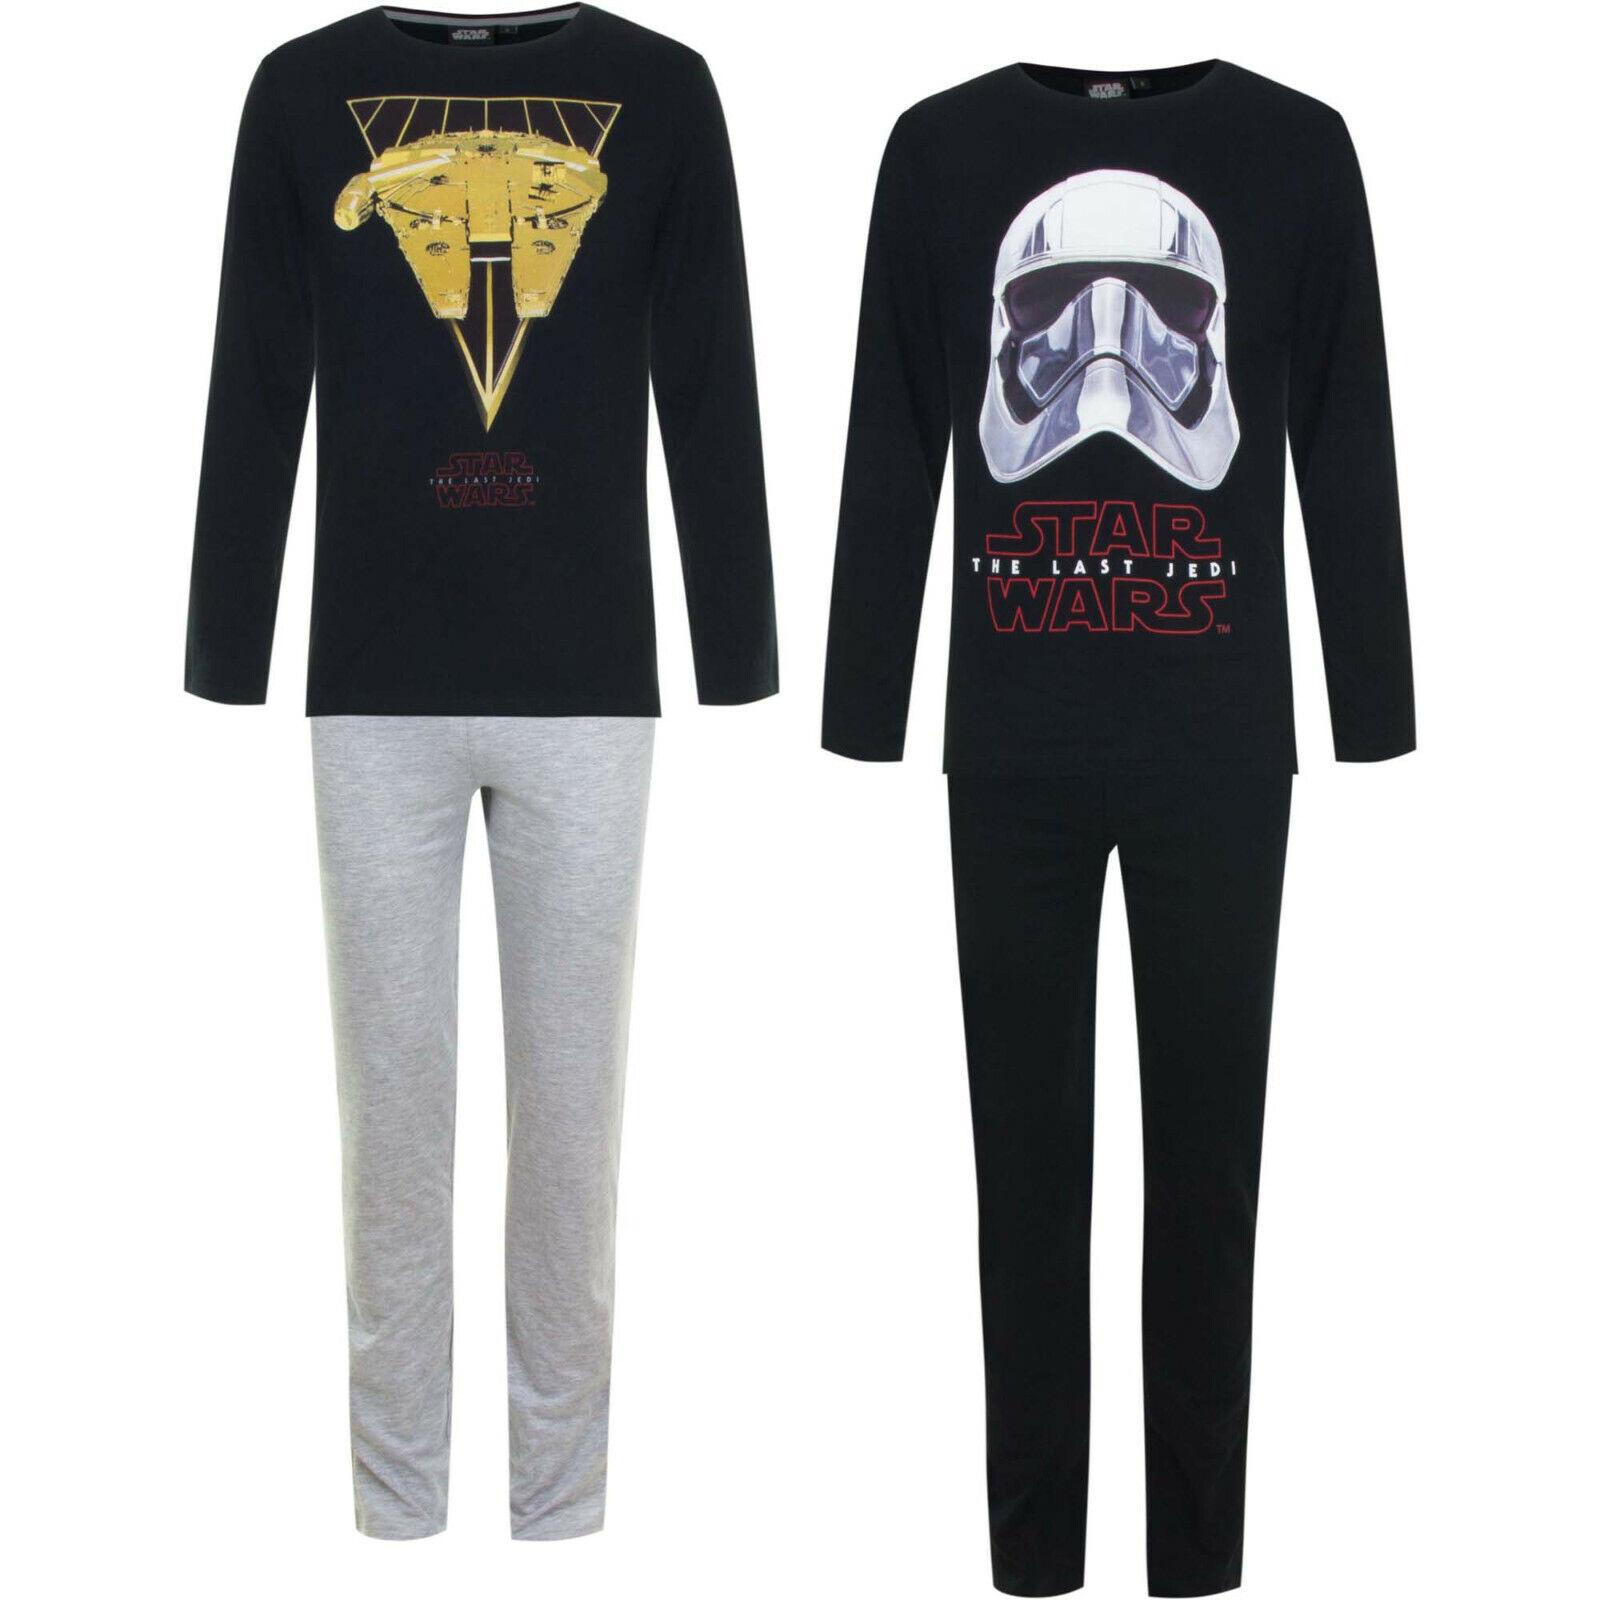 STAR WARS  Herren Pyjama/Schlafanzug 100%Baumwolle    S    M   L   XL